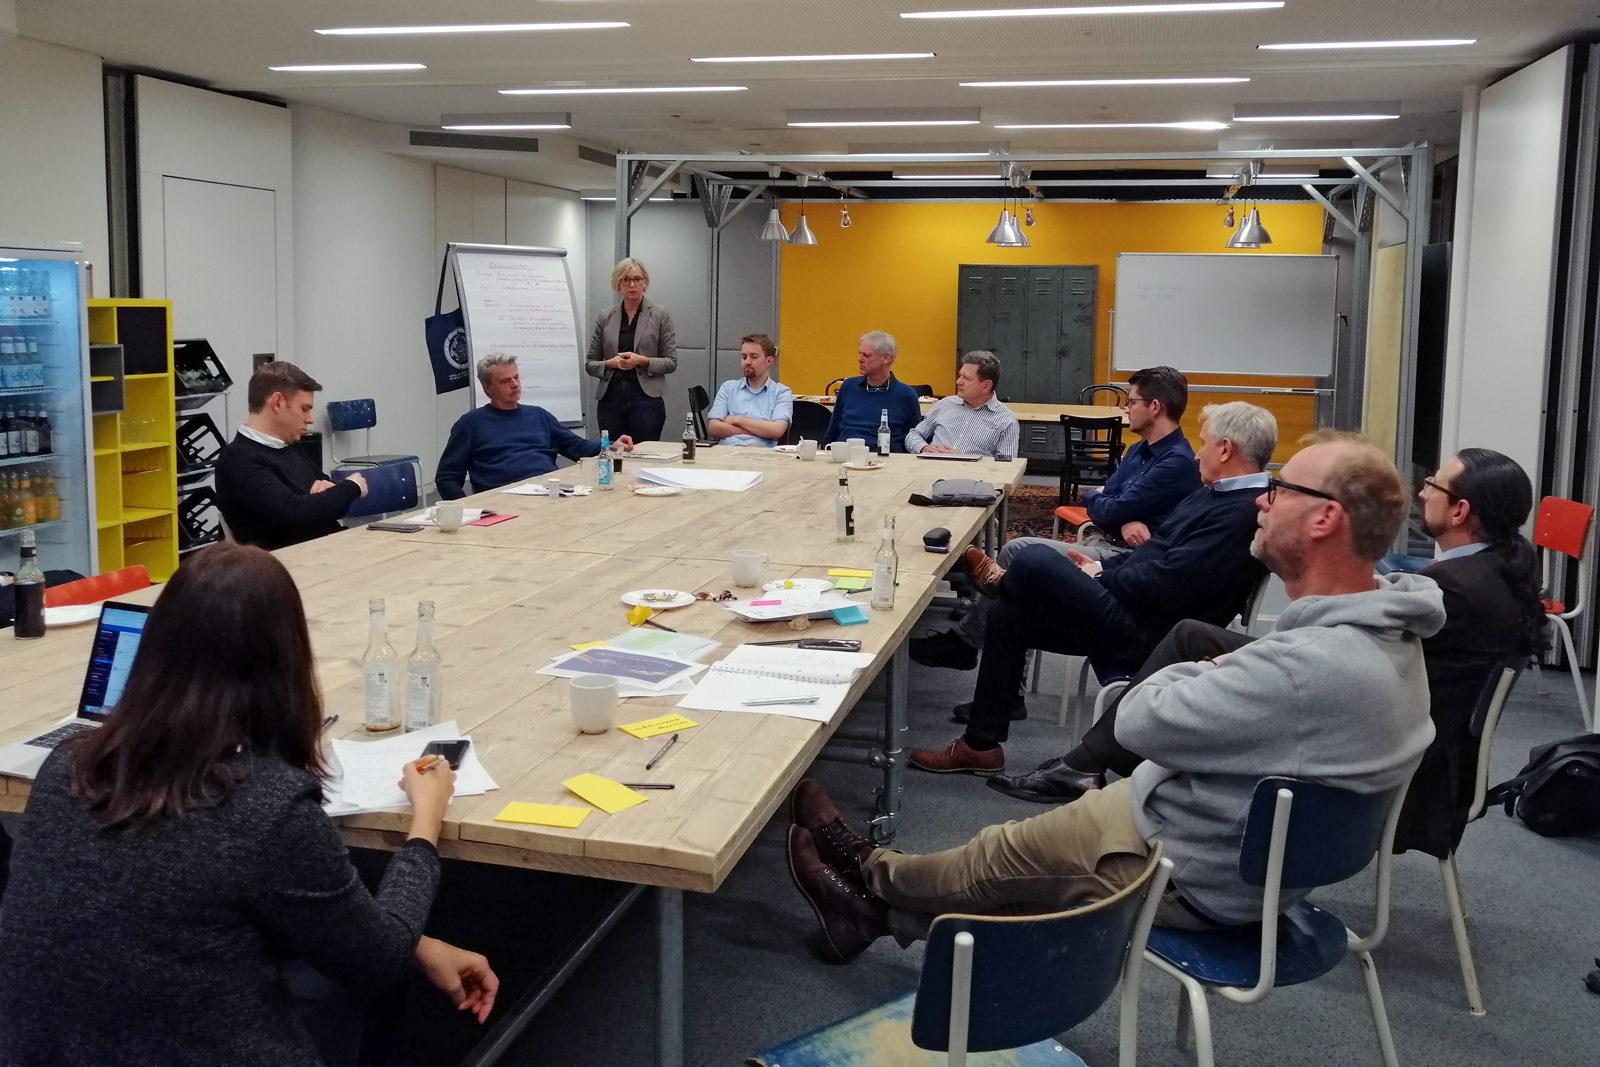 Die Hanse Digital wird von Experten als offene Innovation erarbeitet